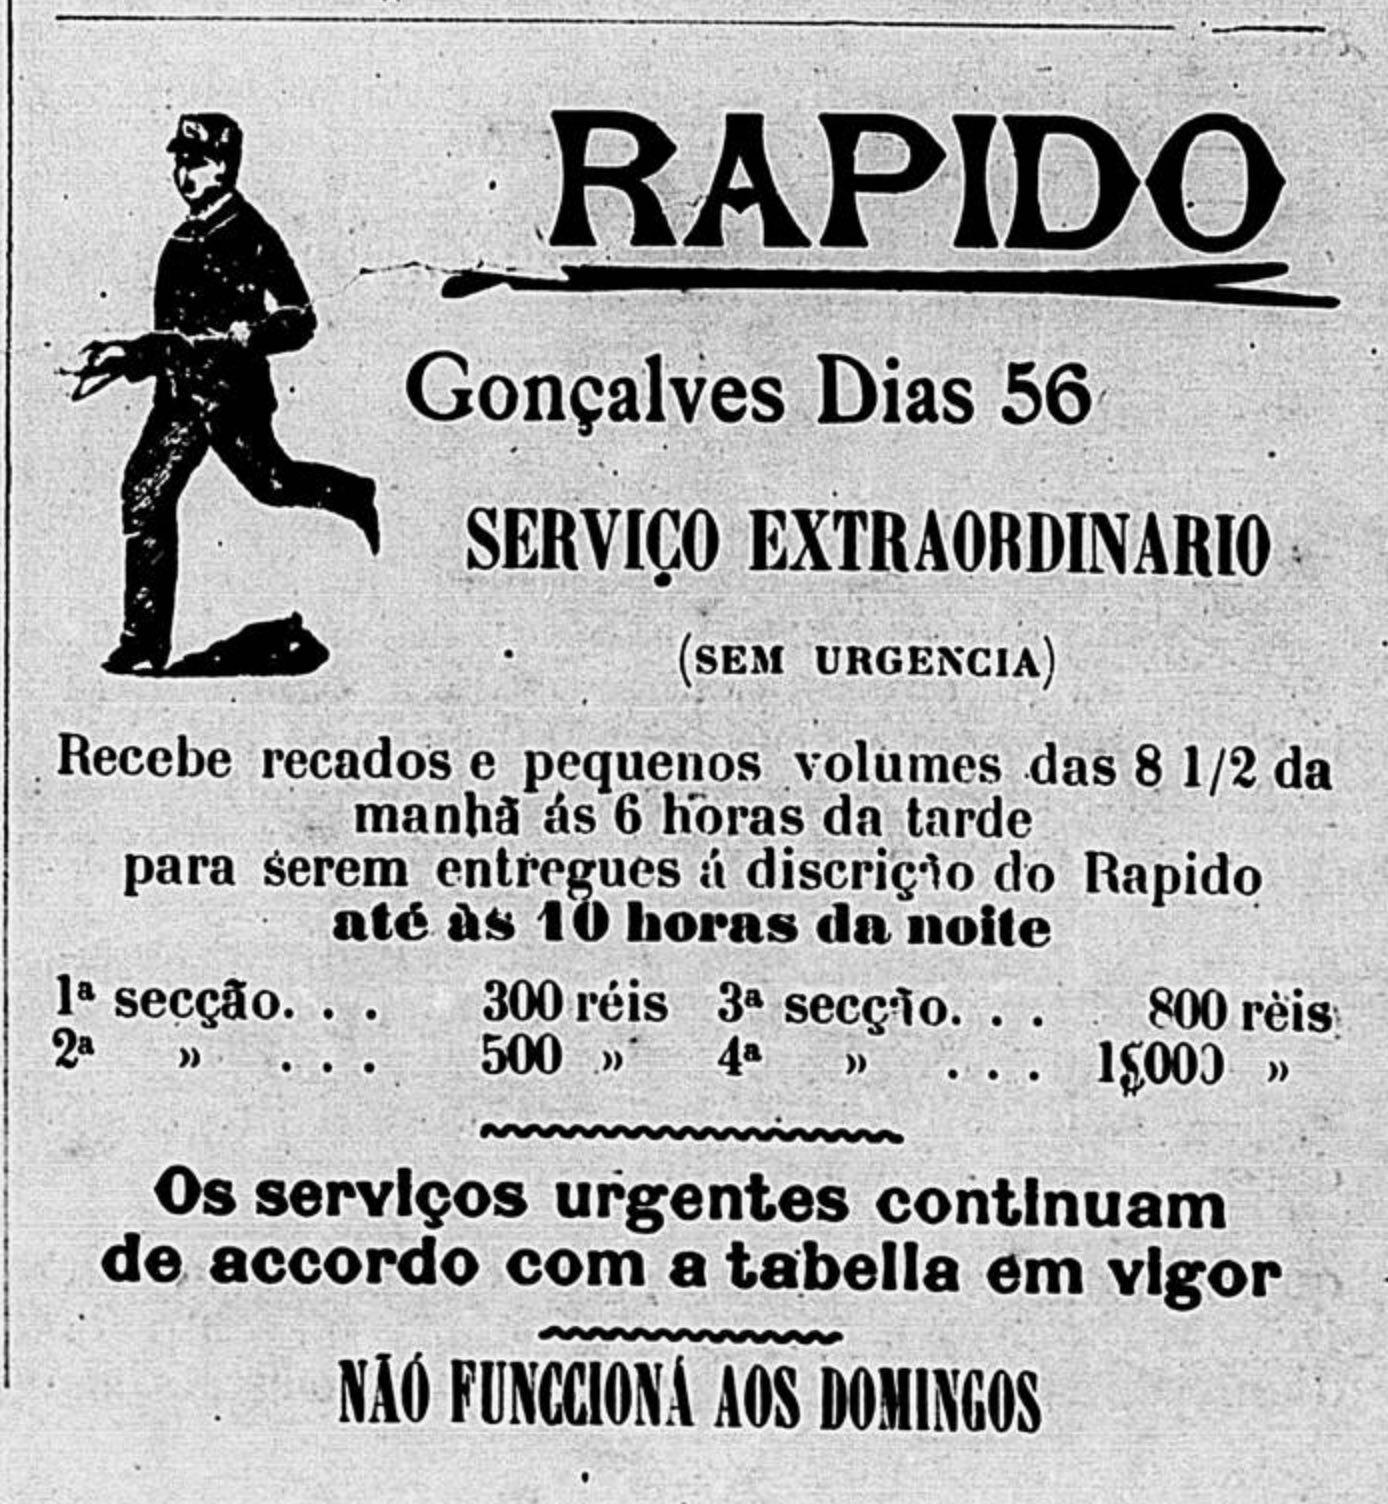 Anúncio veiculado em 1900 de serviços de recados e entregas